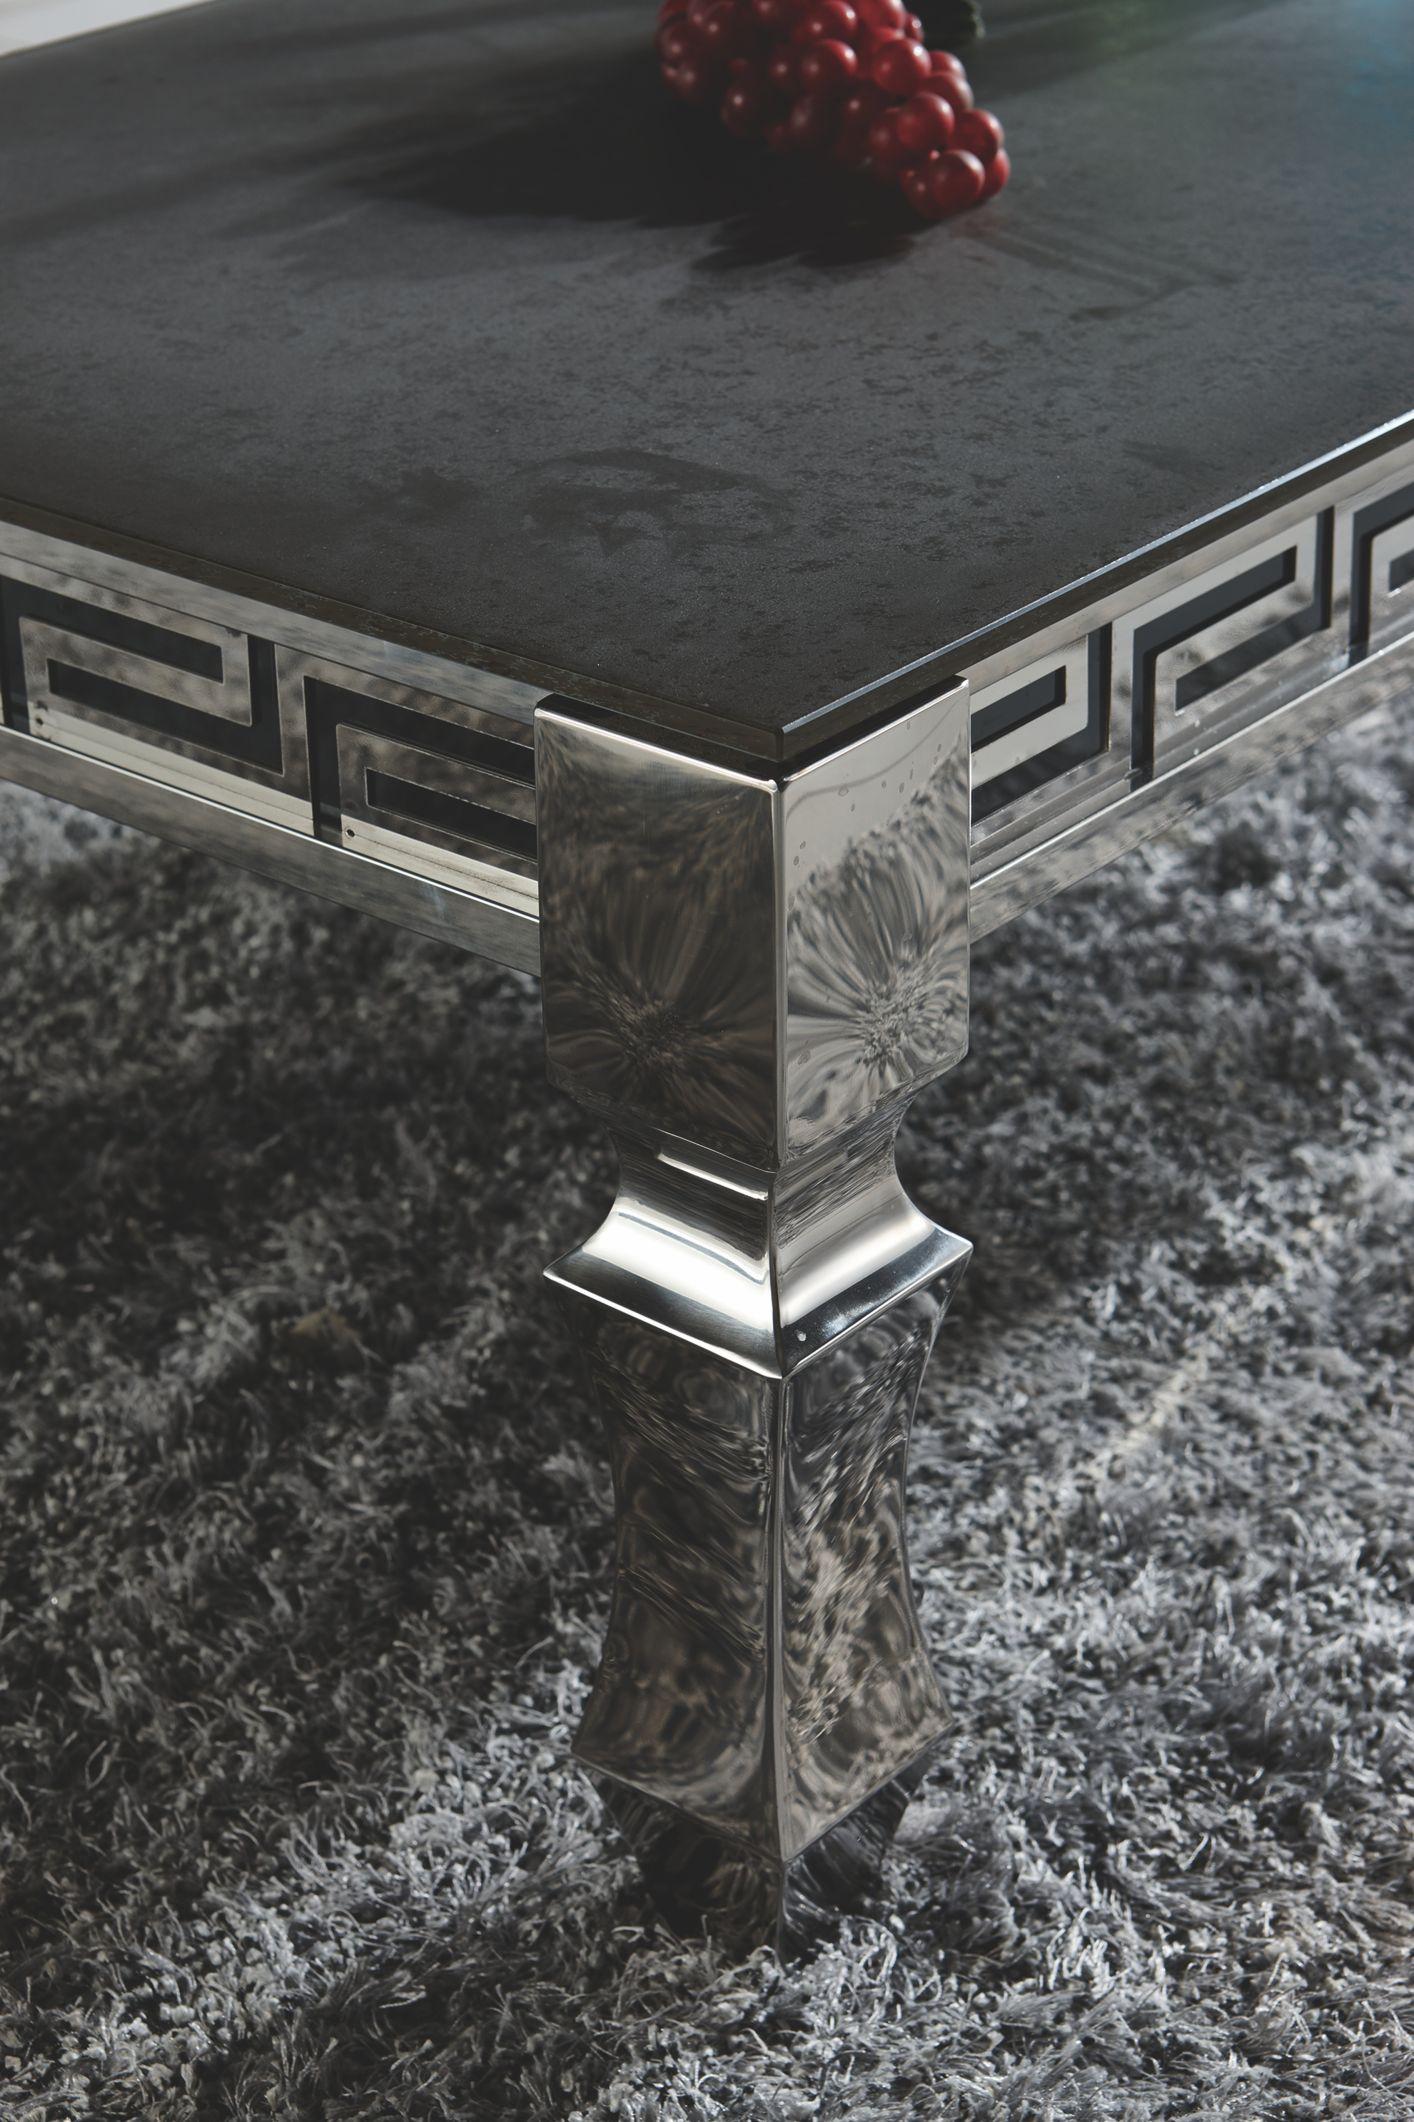 wersa 1213 chrom silber gold beistelltisch verschiedene. Black Bedroom Furniture Sets. Home Design Ideas